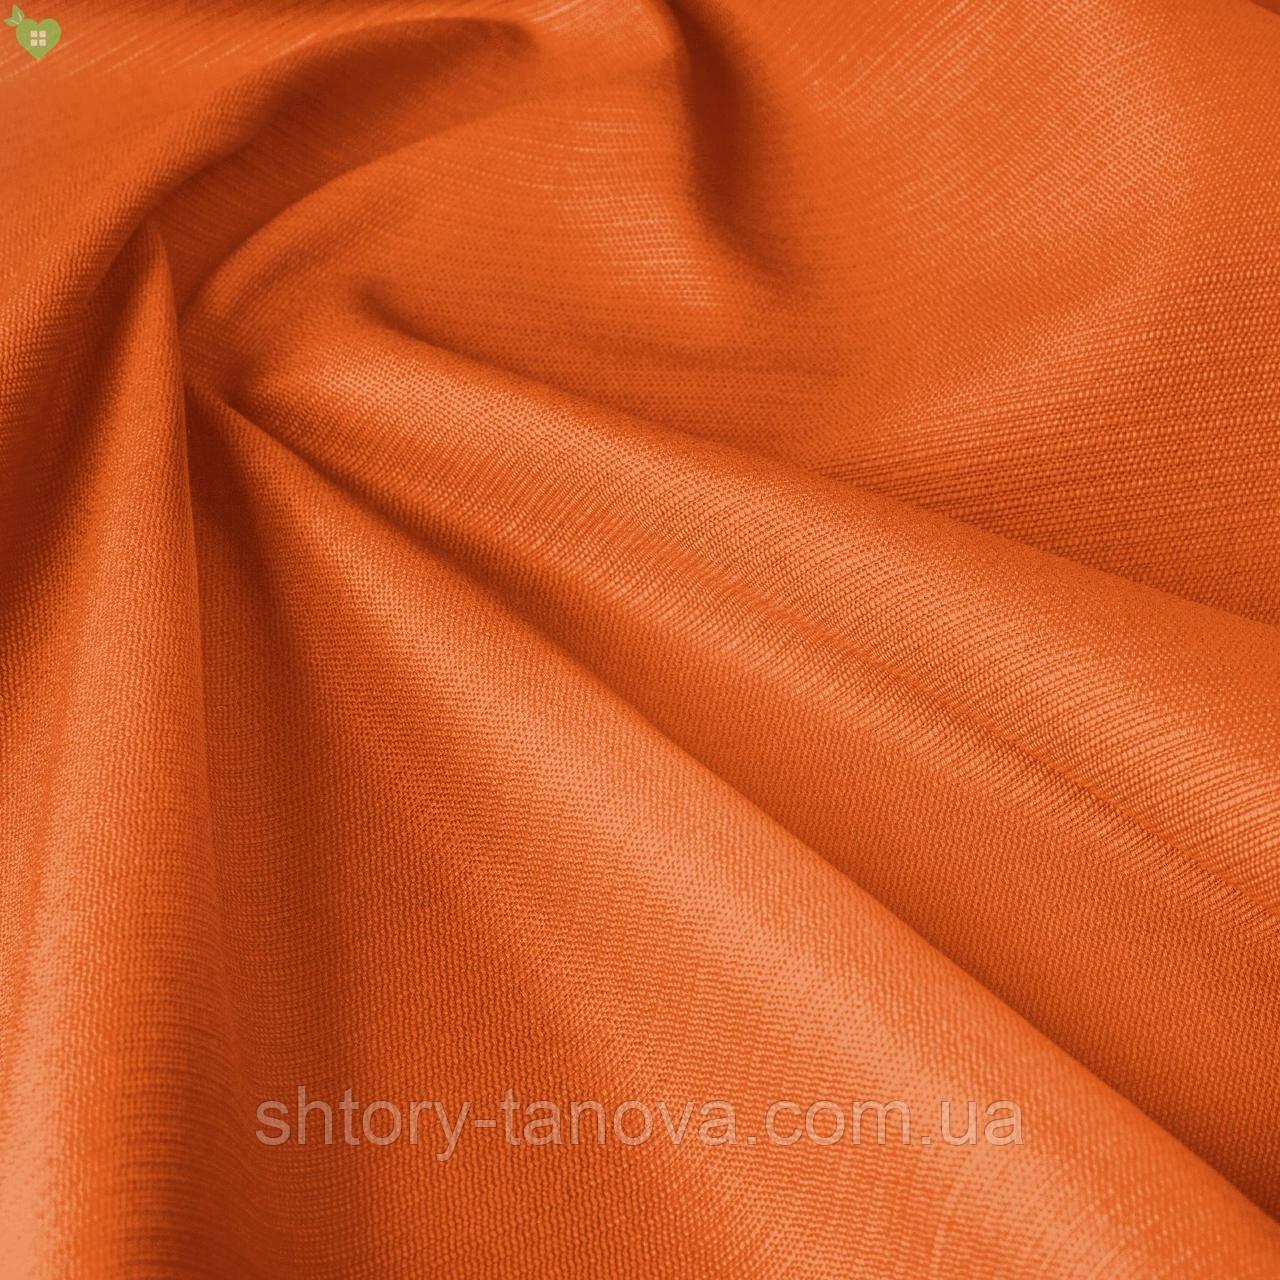 Уличная ткань с фактурой оранжевого цвета для павильона